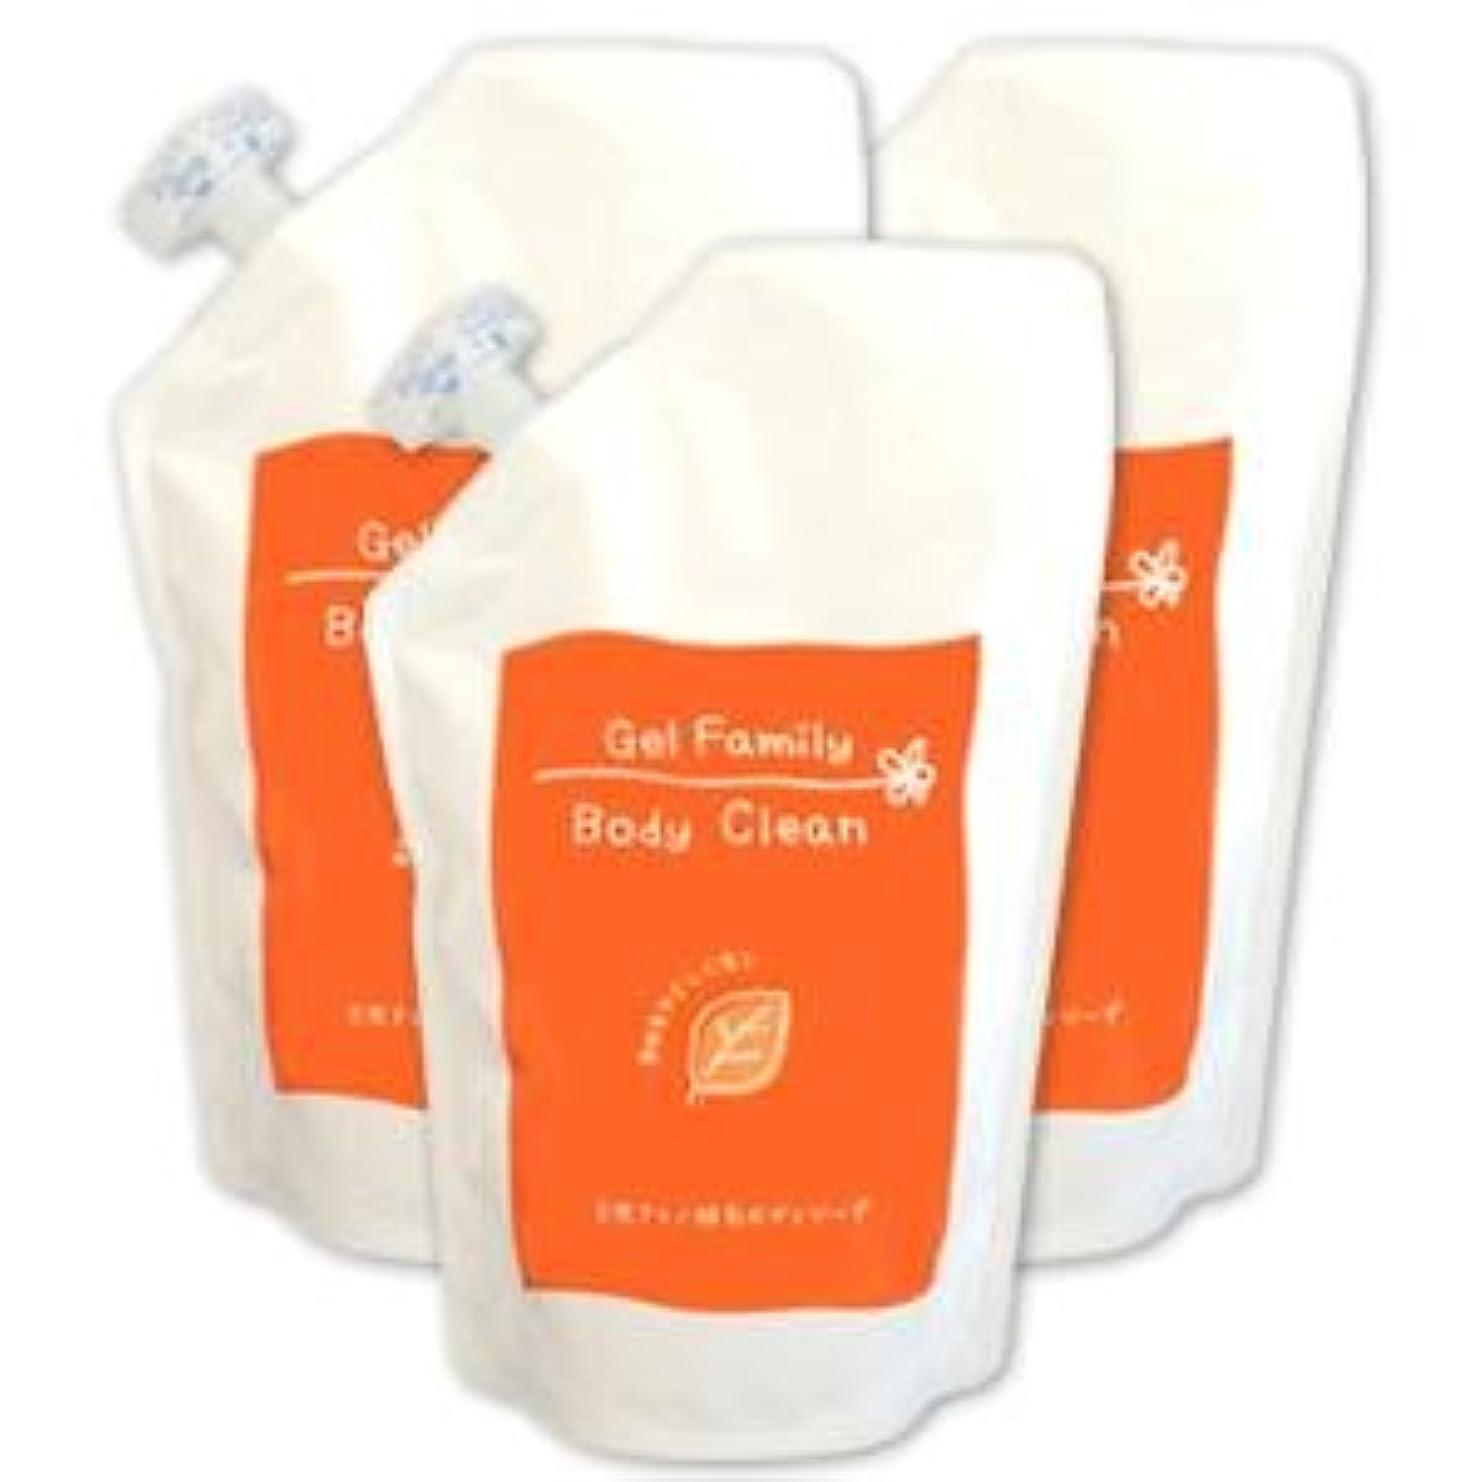 是正肥料アーチPiNatural ゲルファミリーボディクリーン 詰替用500ml×3個セット(天然アミノ酸ボディソープ)